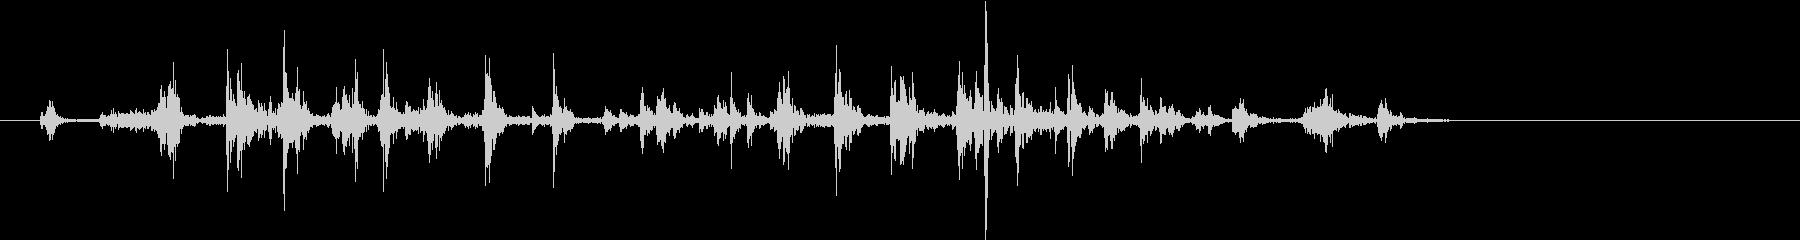 【生録音】カッターナイフの音 13の未再生の波形